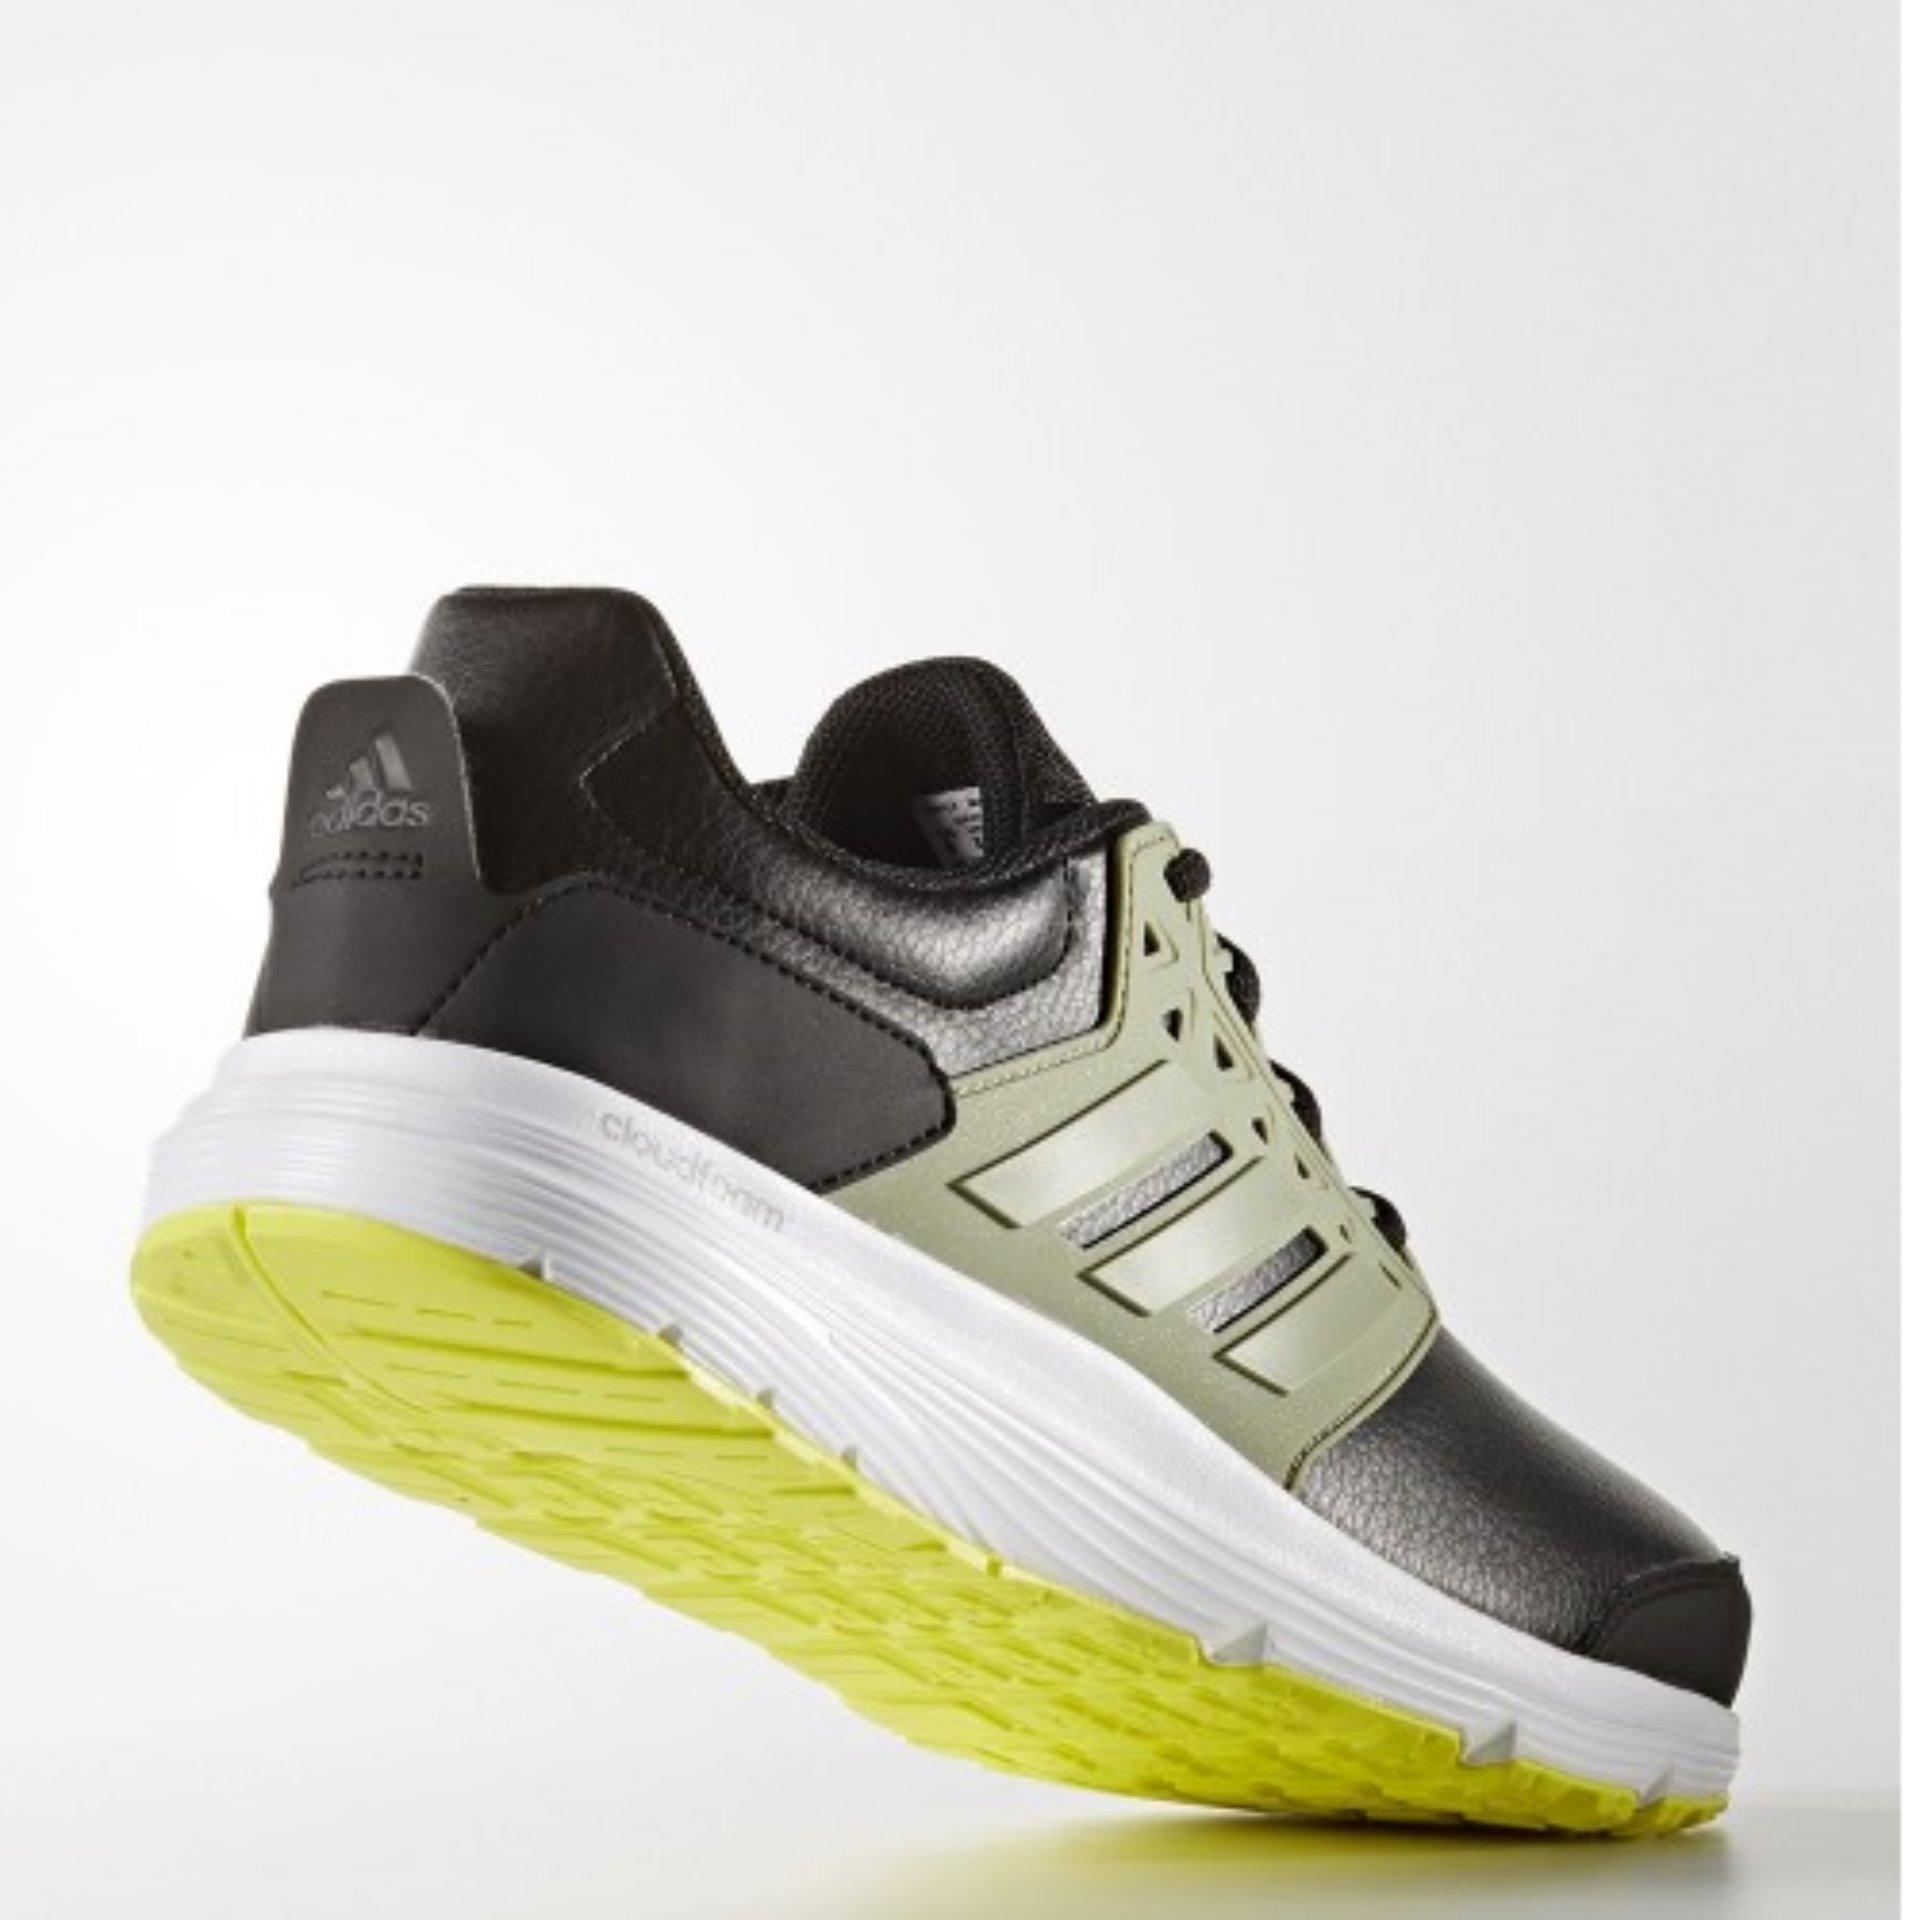 Adidas Sepatu Running Adineo Cloudfoam Speed Aw4911 Hitam Daftar Casual Aq1535 Galaxy Trainer 3 Training Aq6173